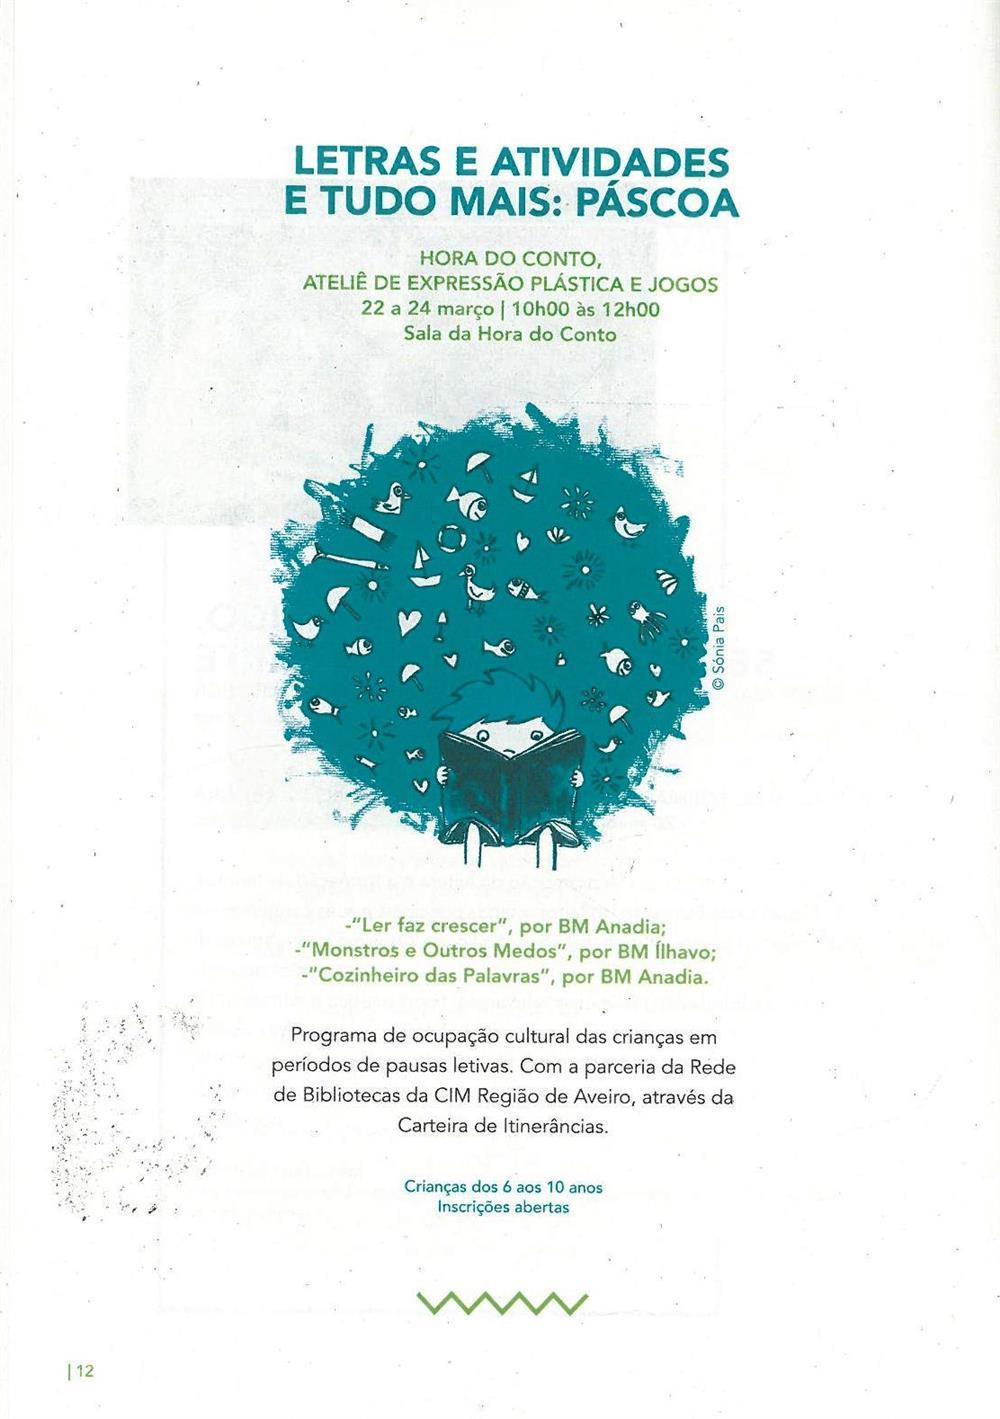 ACMSV-jan.,fev.,mar.'16-p.12-Letras e atividades e tudo mais : Páscoa : Hora do Conto : ateliê de expressão plástica e jogos.jpg